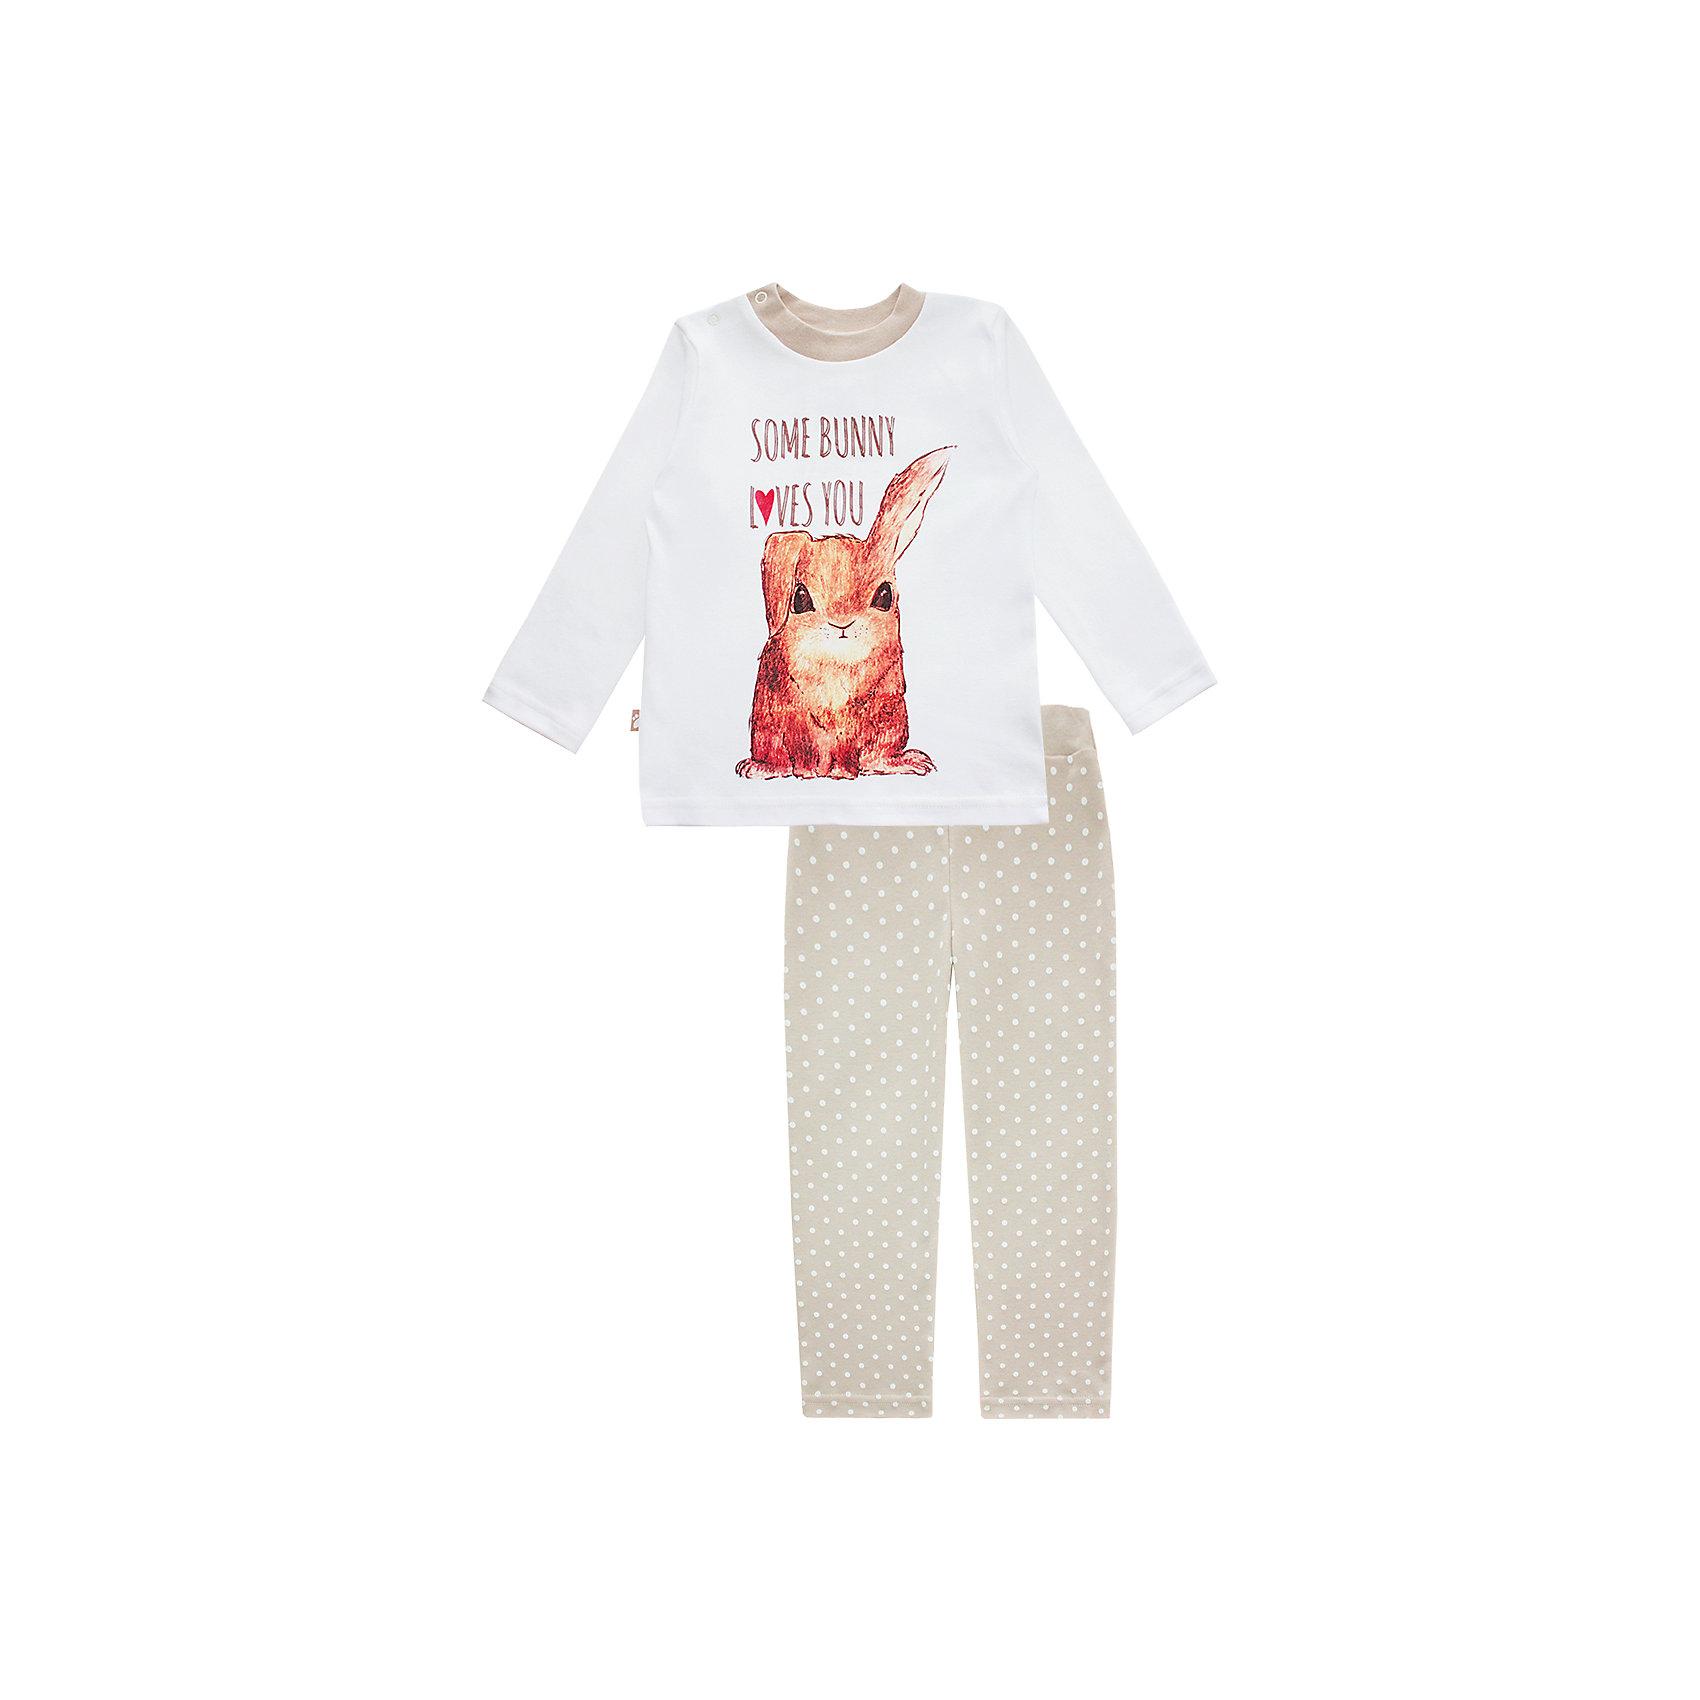 Пижама: футболка с длинным рукавом и штаны для девочки КотМарКотПижама: футболка с длинным рукавом и штаны для девочки от известного бренда КотМарКот<br>Состав:<br>100% хлопок<br><br>Ширина мм: 281<br>Глубина мм: 70<br>Высота мм: 188<br>Вес г: 295<br>Цвет: бежевый<br>Возраст от месяцев: 48<br>Возраст до месяцев: 60<br>Пол: Женский<br>Возраст: Детский<br>Размер: 110,134,128,92,122,116,104,98<br>SKU: 4873325